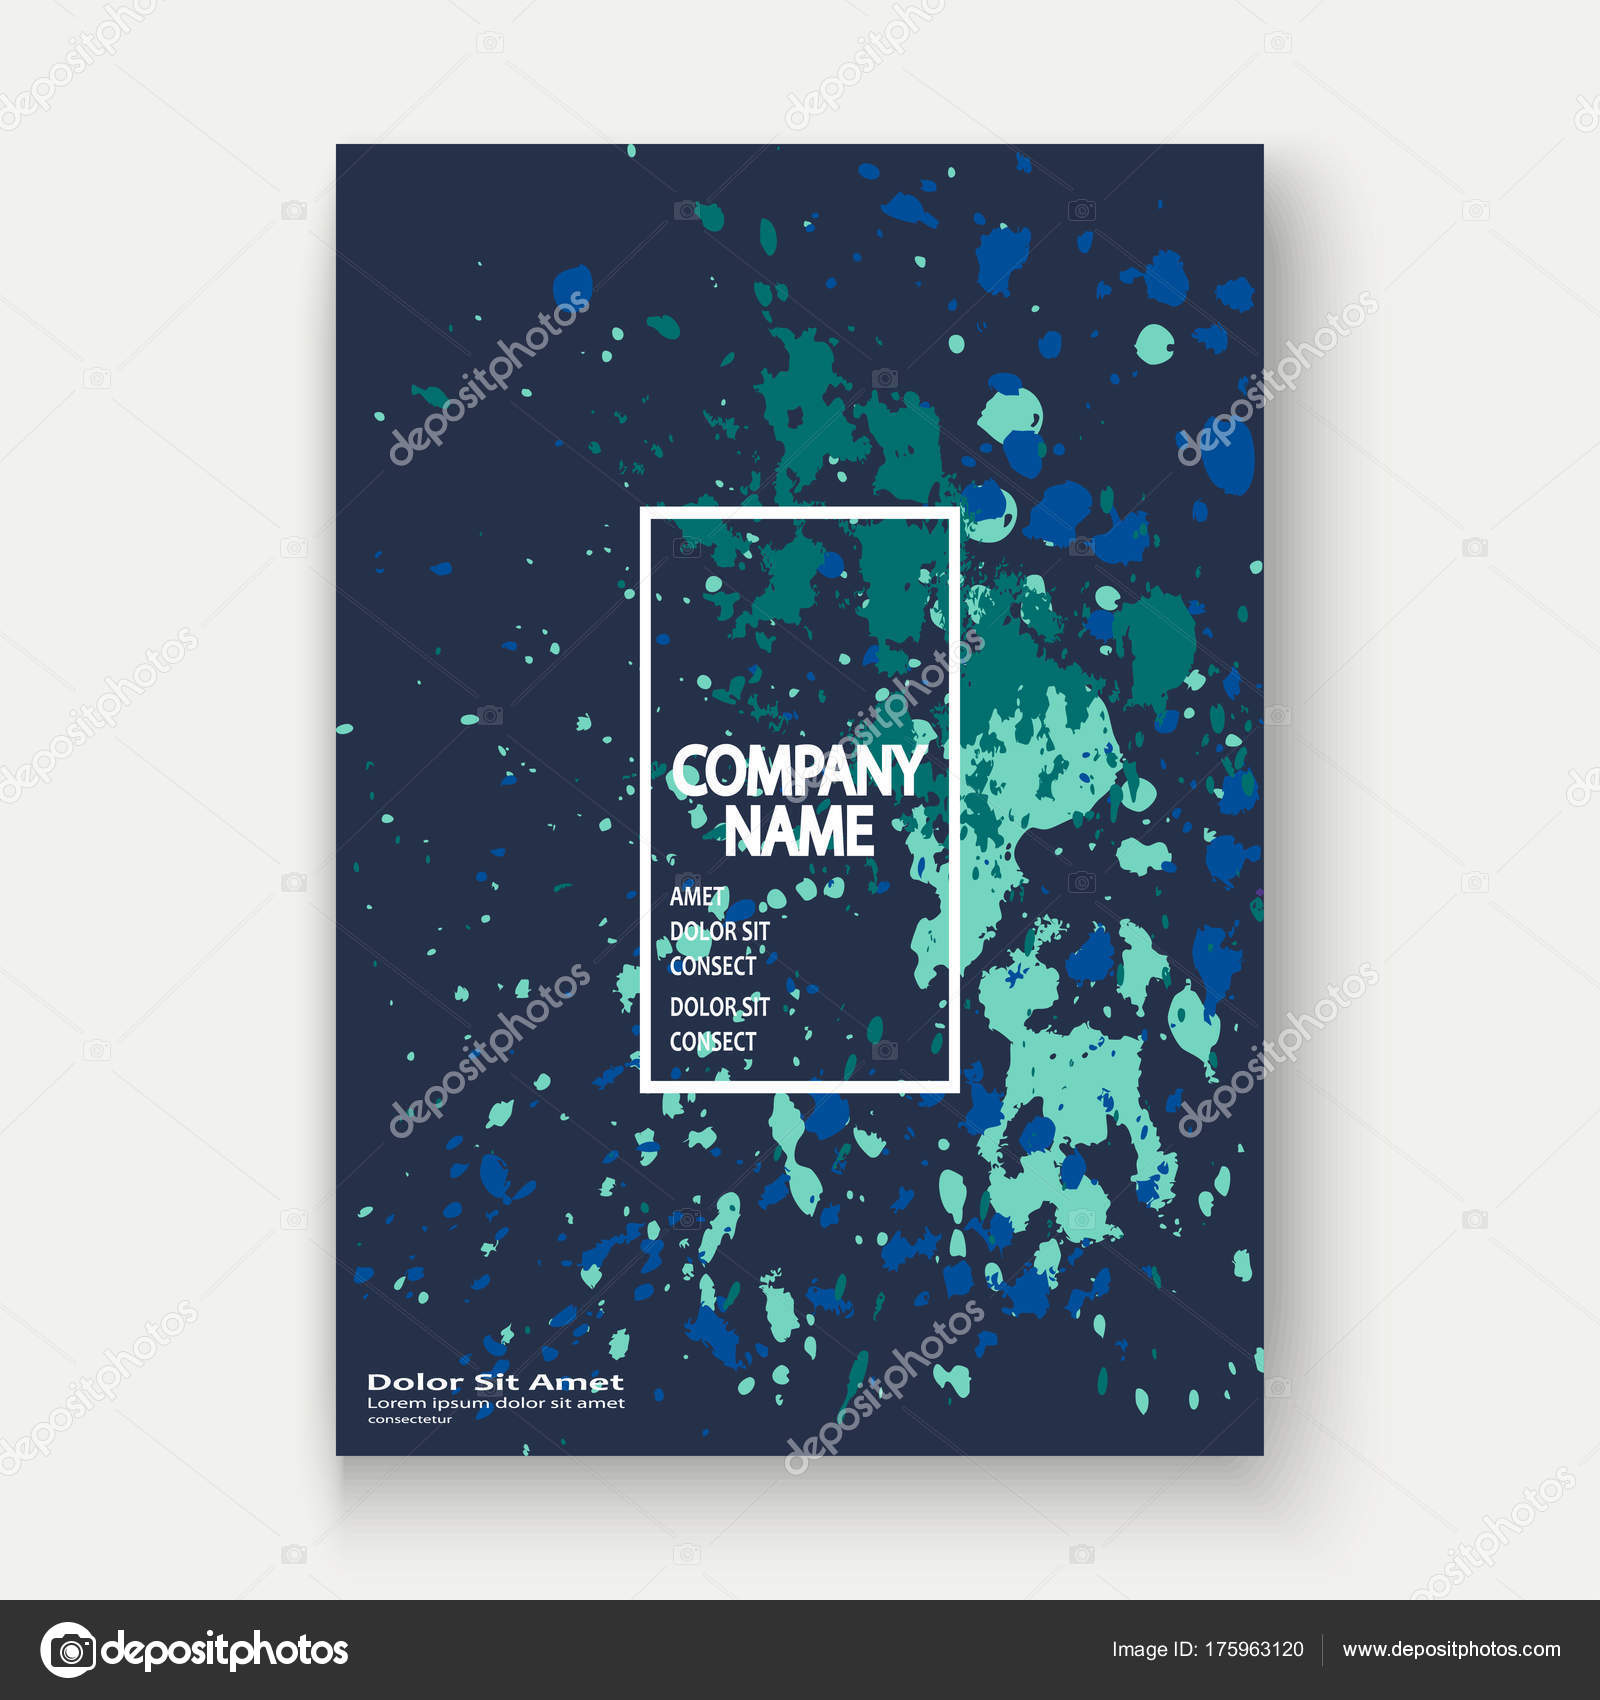 Neon Explosion Farbspritzer künstlerische Cover Rahmen-Design. Dekor ...